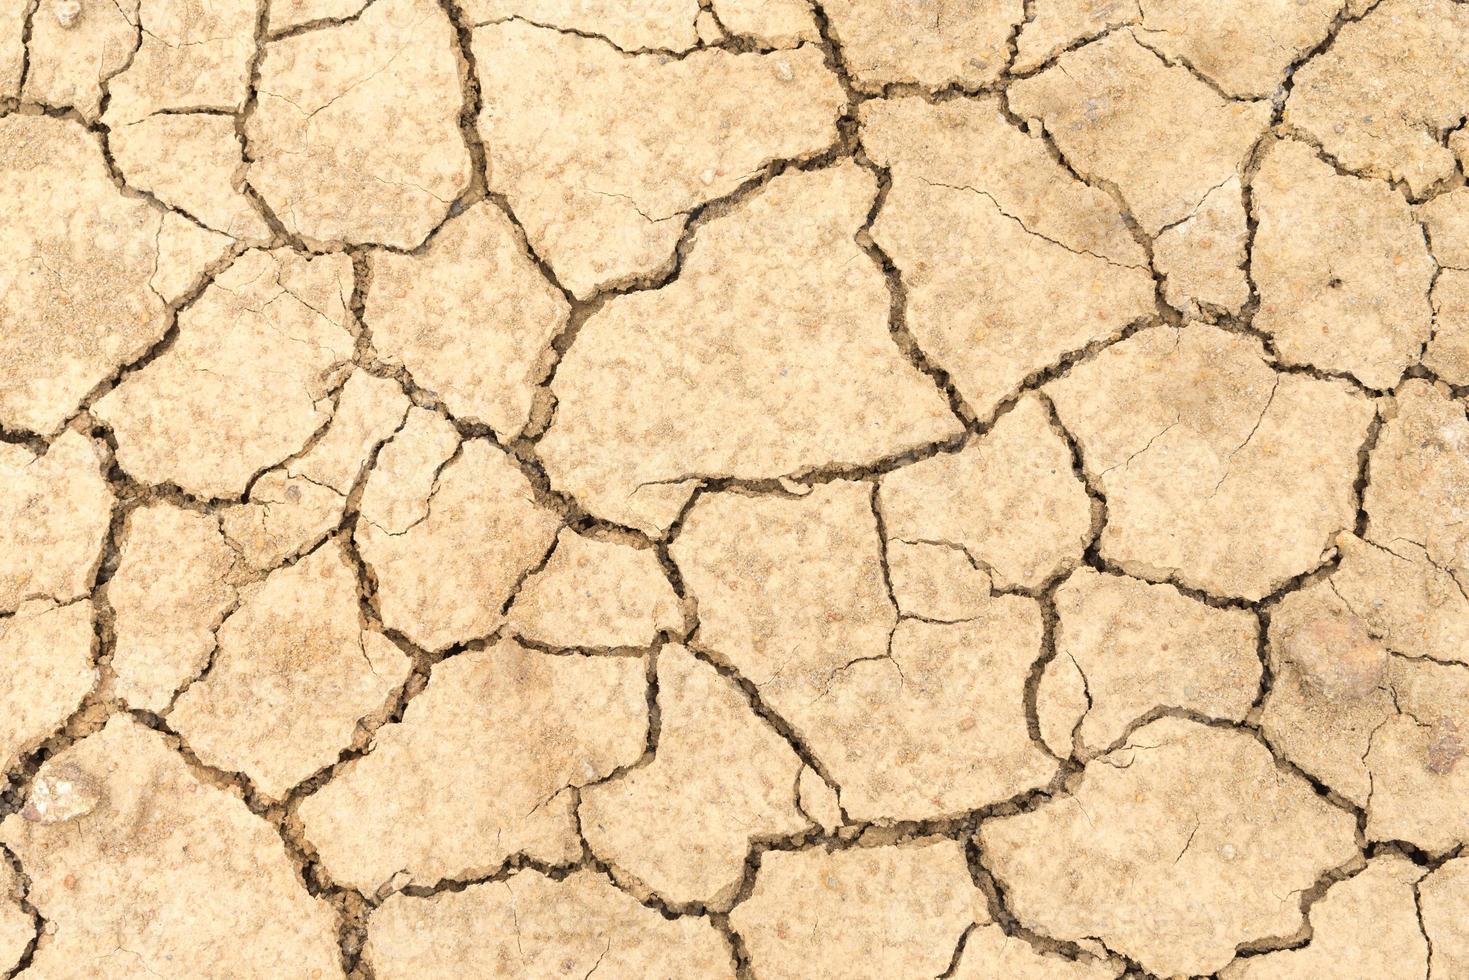 fondo del suelo, patrón foto